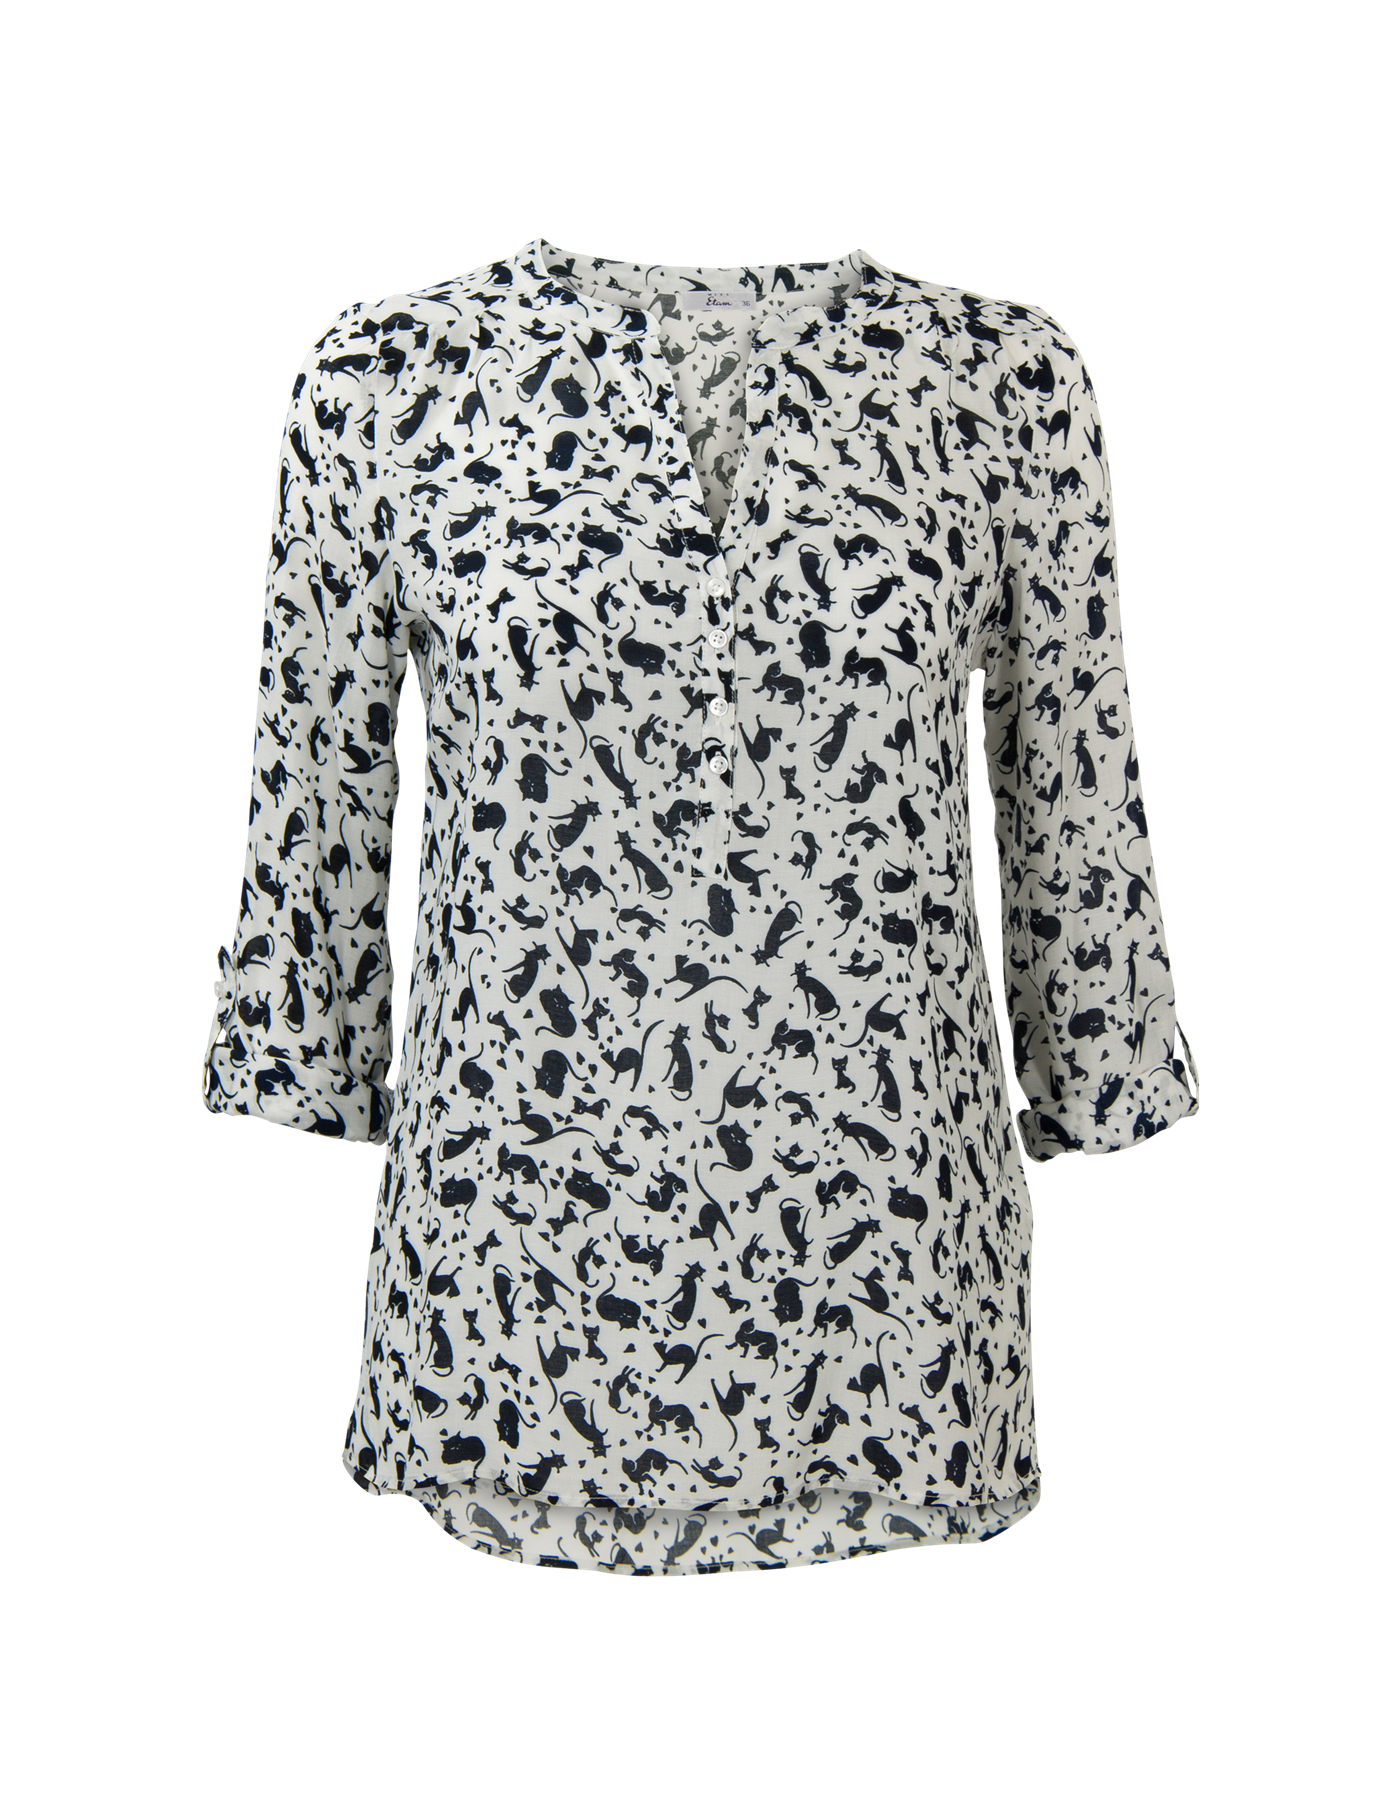 """Roomwitte print blouse met lange (omslag-)mouwen en een V-hals. Het item sluit met knoopjes op het voorpand. De achterkant is iets langer dan de voorkant. De blouse valt soepel op heuplengte.<em>Dit artikel behoort tot de Etam Regulier collectie.<br /> <br /> Voor de leukste stylingtips, <a href=""""http://www.missetam.nl/blog/algemeen/2015/01/sprekende-print-blouses-voor-donkere-dagen/"""" target=""""_blank"""">bekijk ook eens onze blog.</a> </em>"""